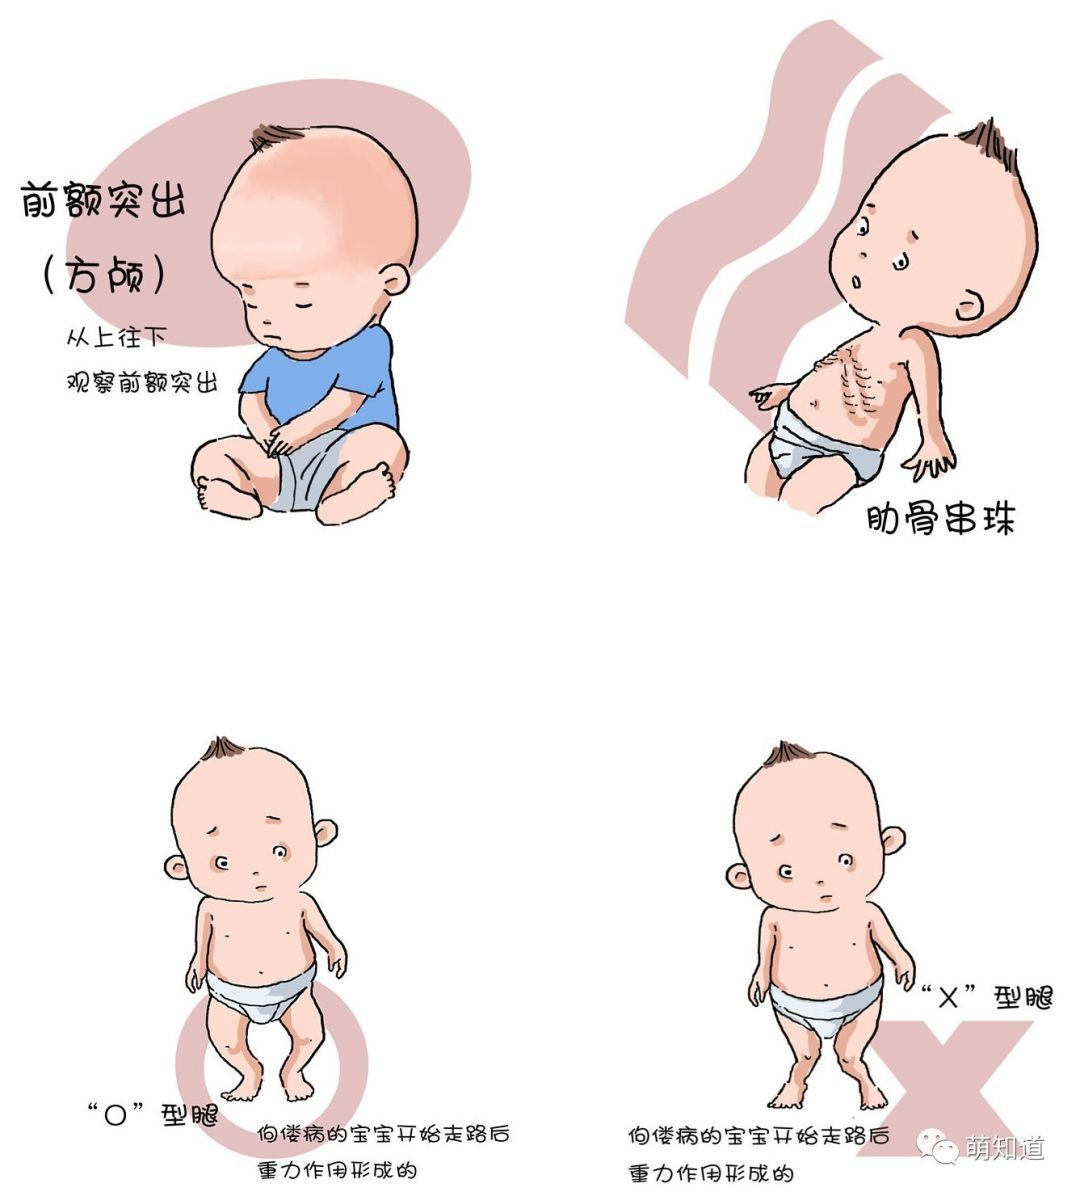 日本最大胆人体性囹d)_天爱儿科|补充维生素d那些事儿——【营养与成长】